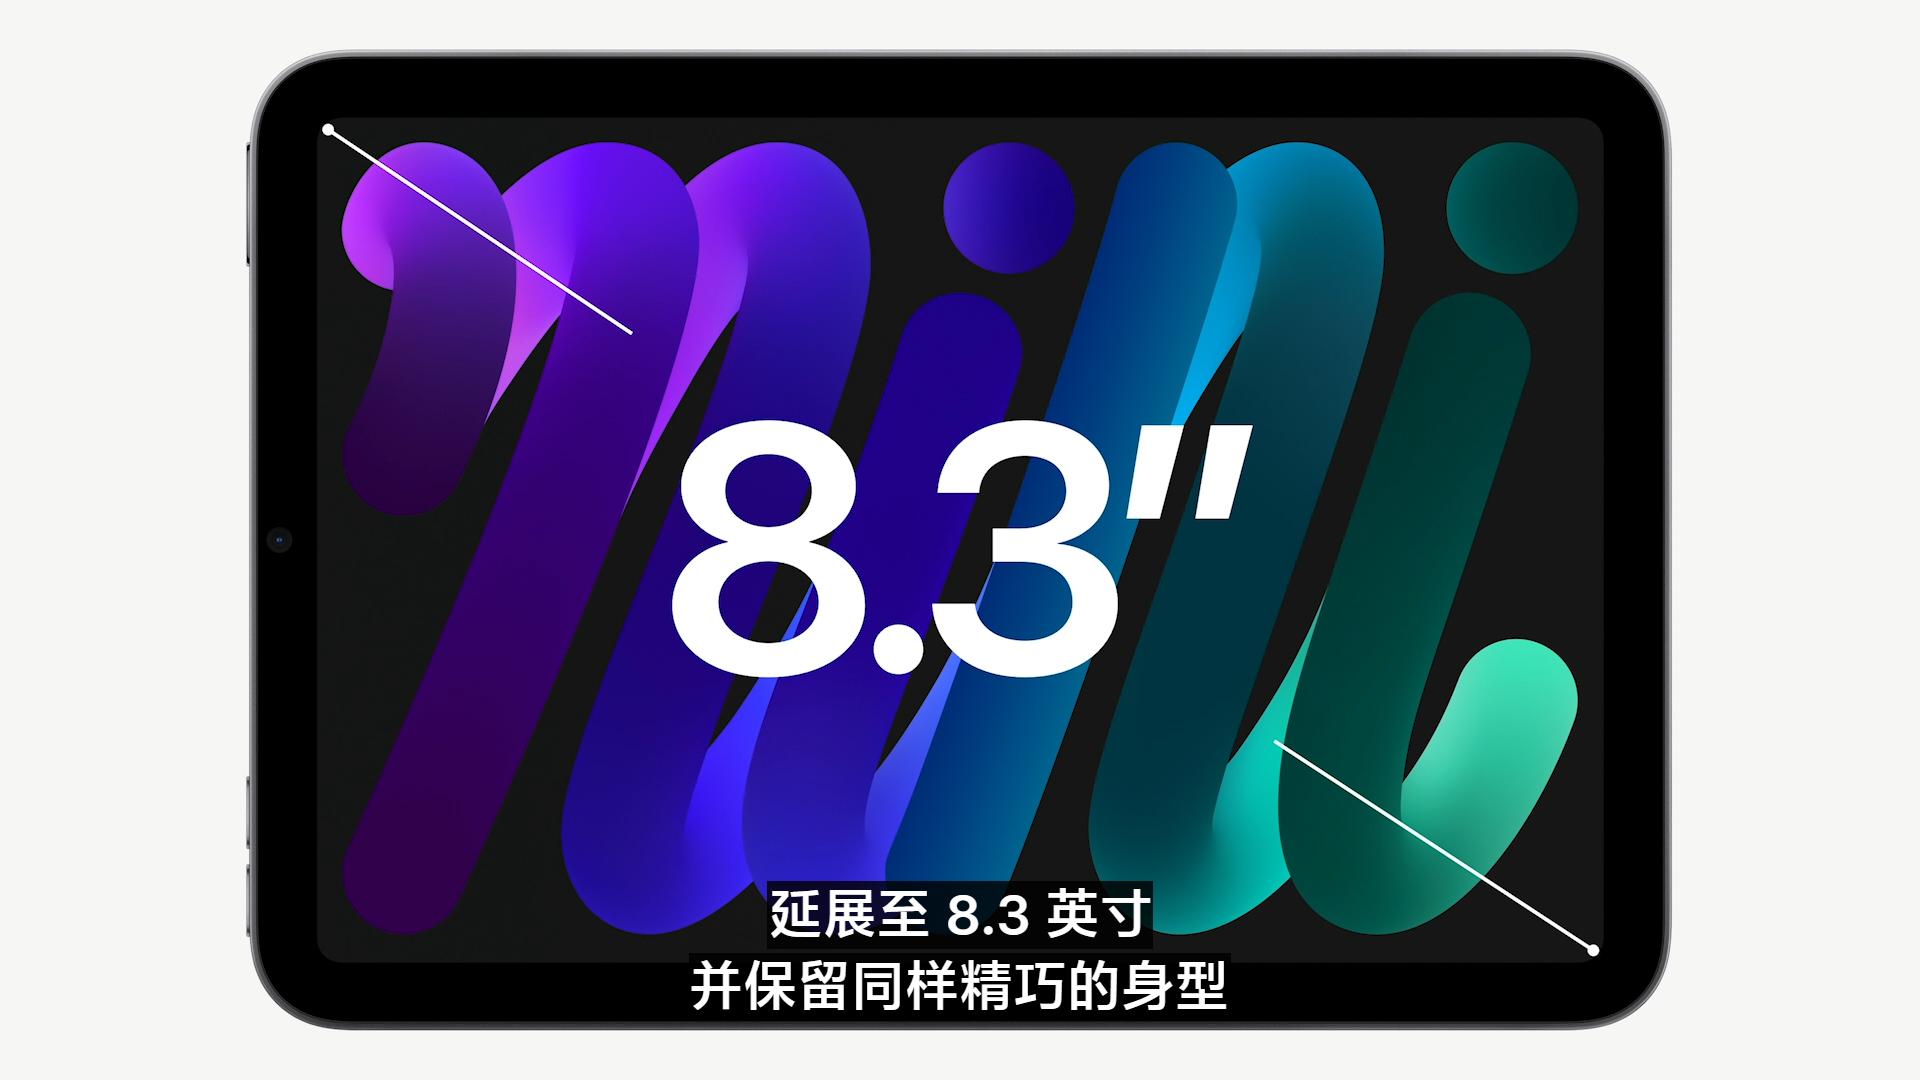 苹果推出iPad mini 5采用全面屏设计支持指纹识别 采用USB-C支持5G